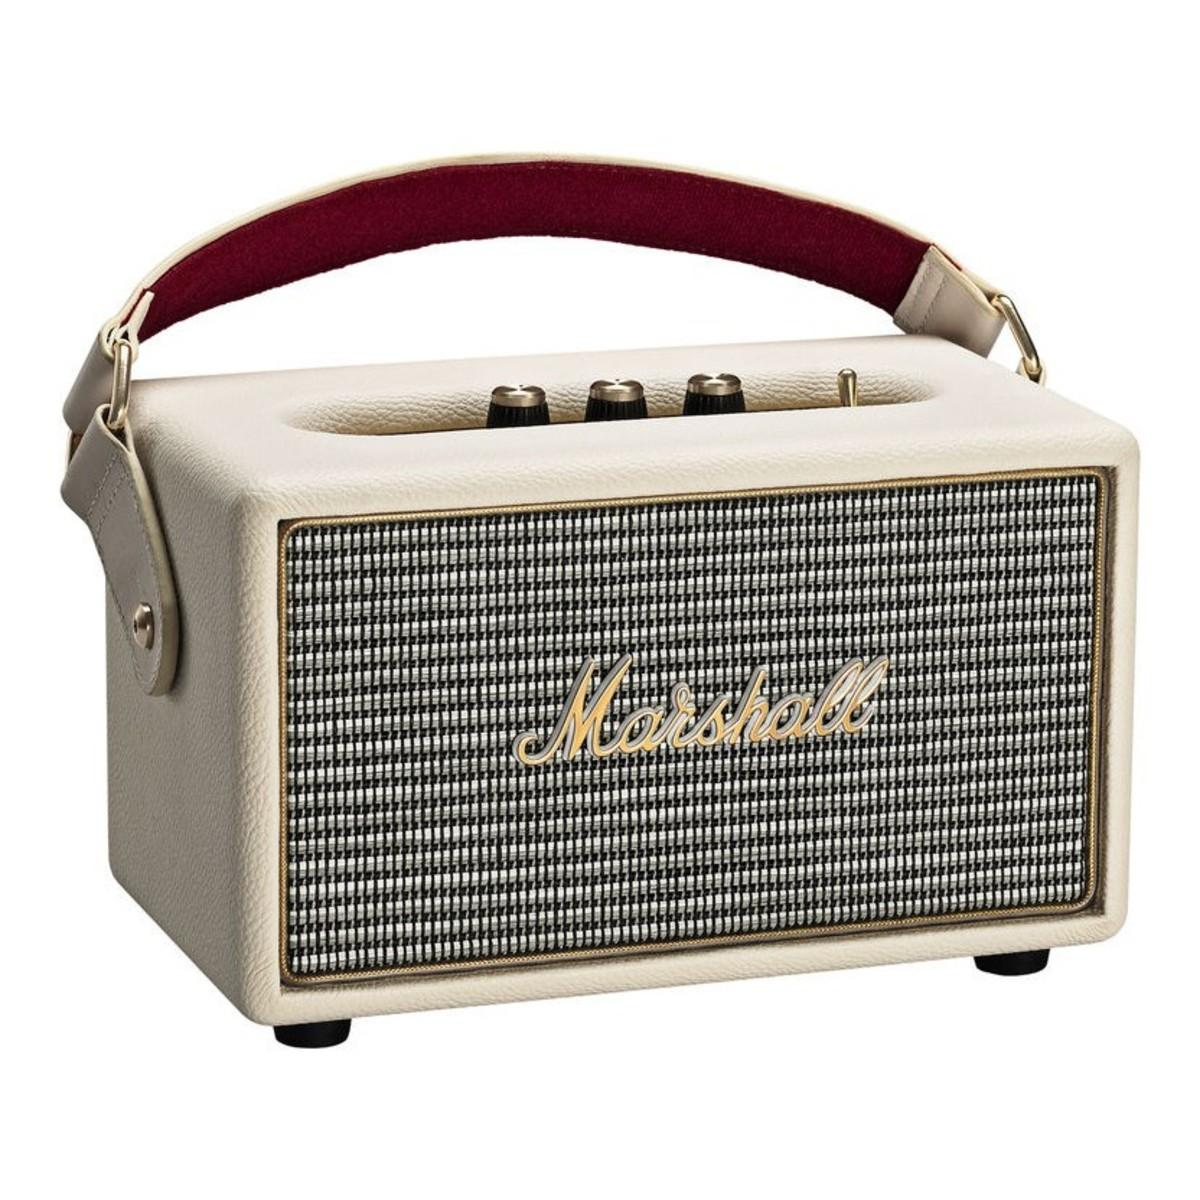 Marshall Bluetooth Speaker Portable: Marshall Kilburn Portable Bluetooth Speaker, White At Gear4music.com